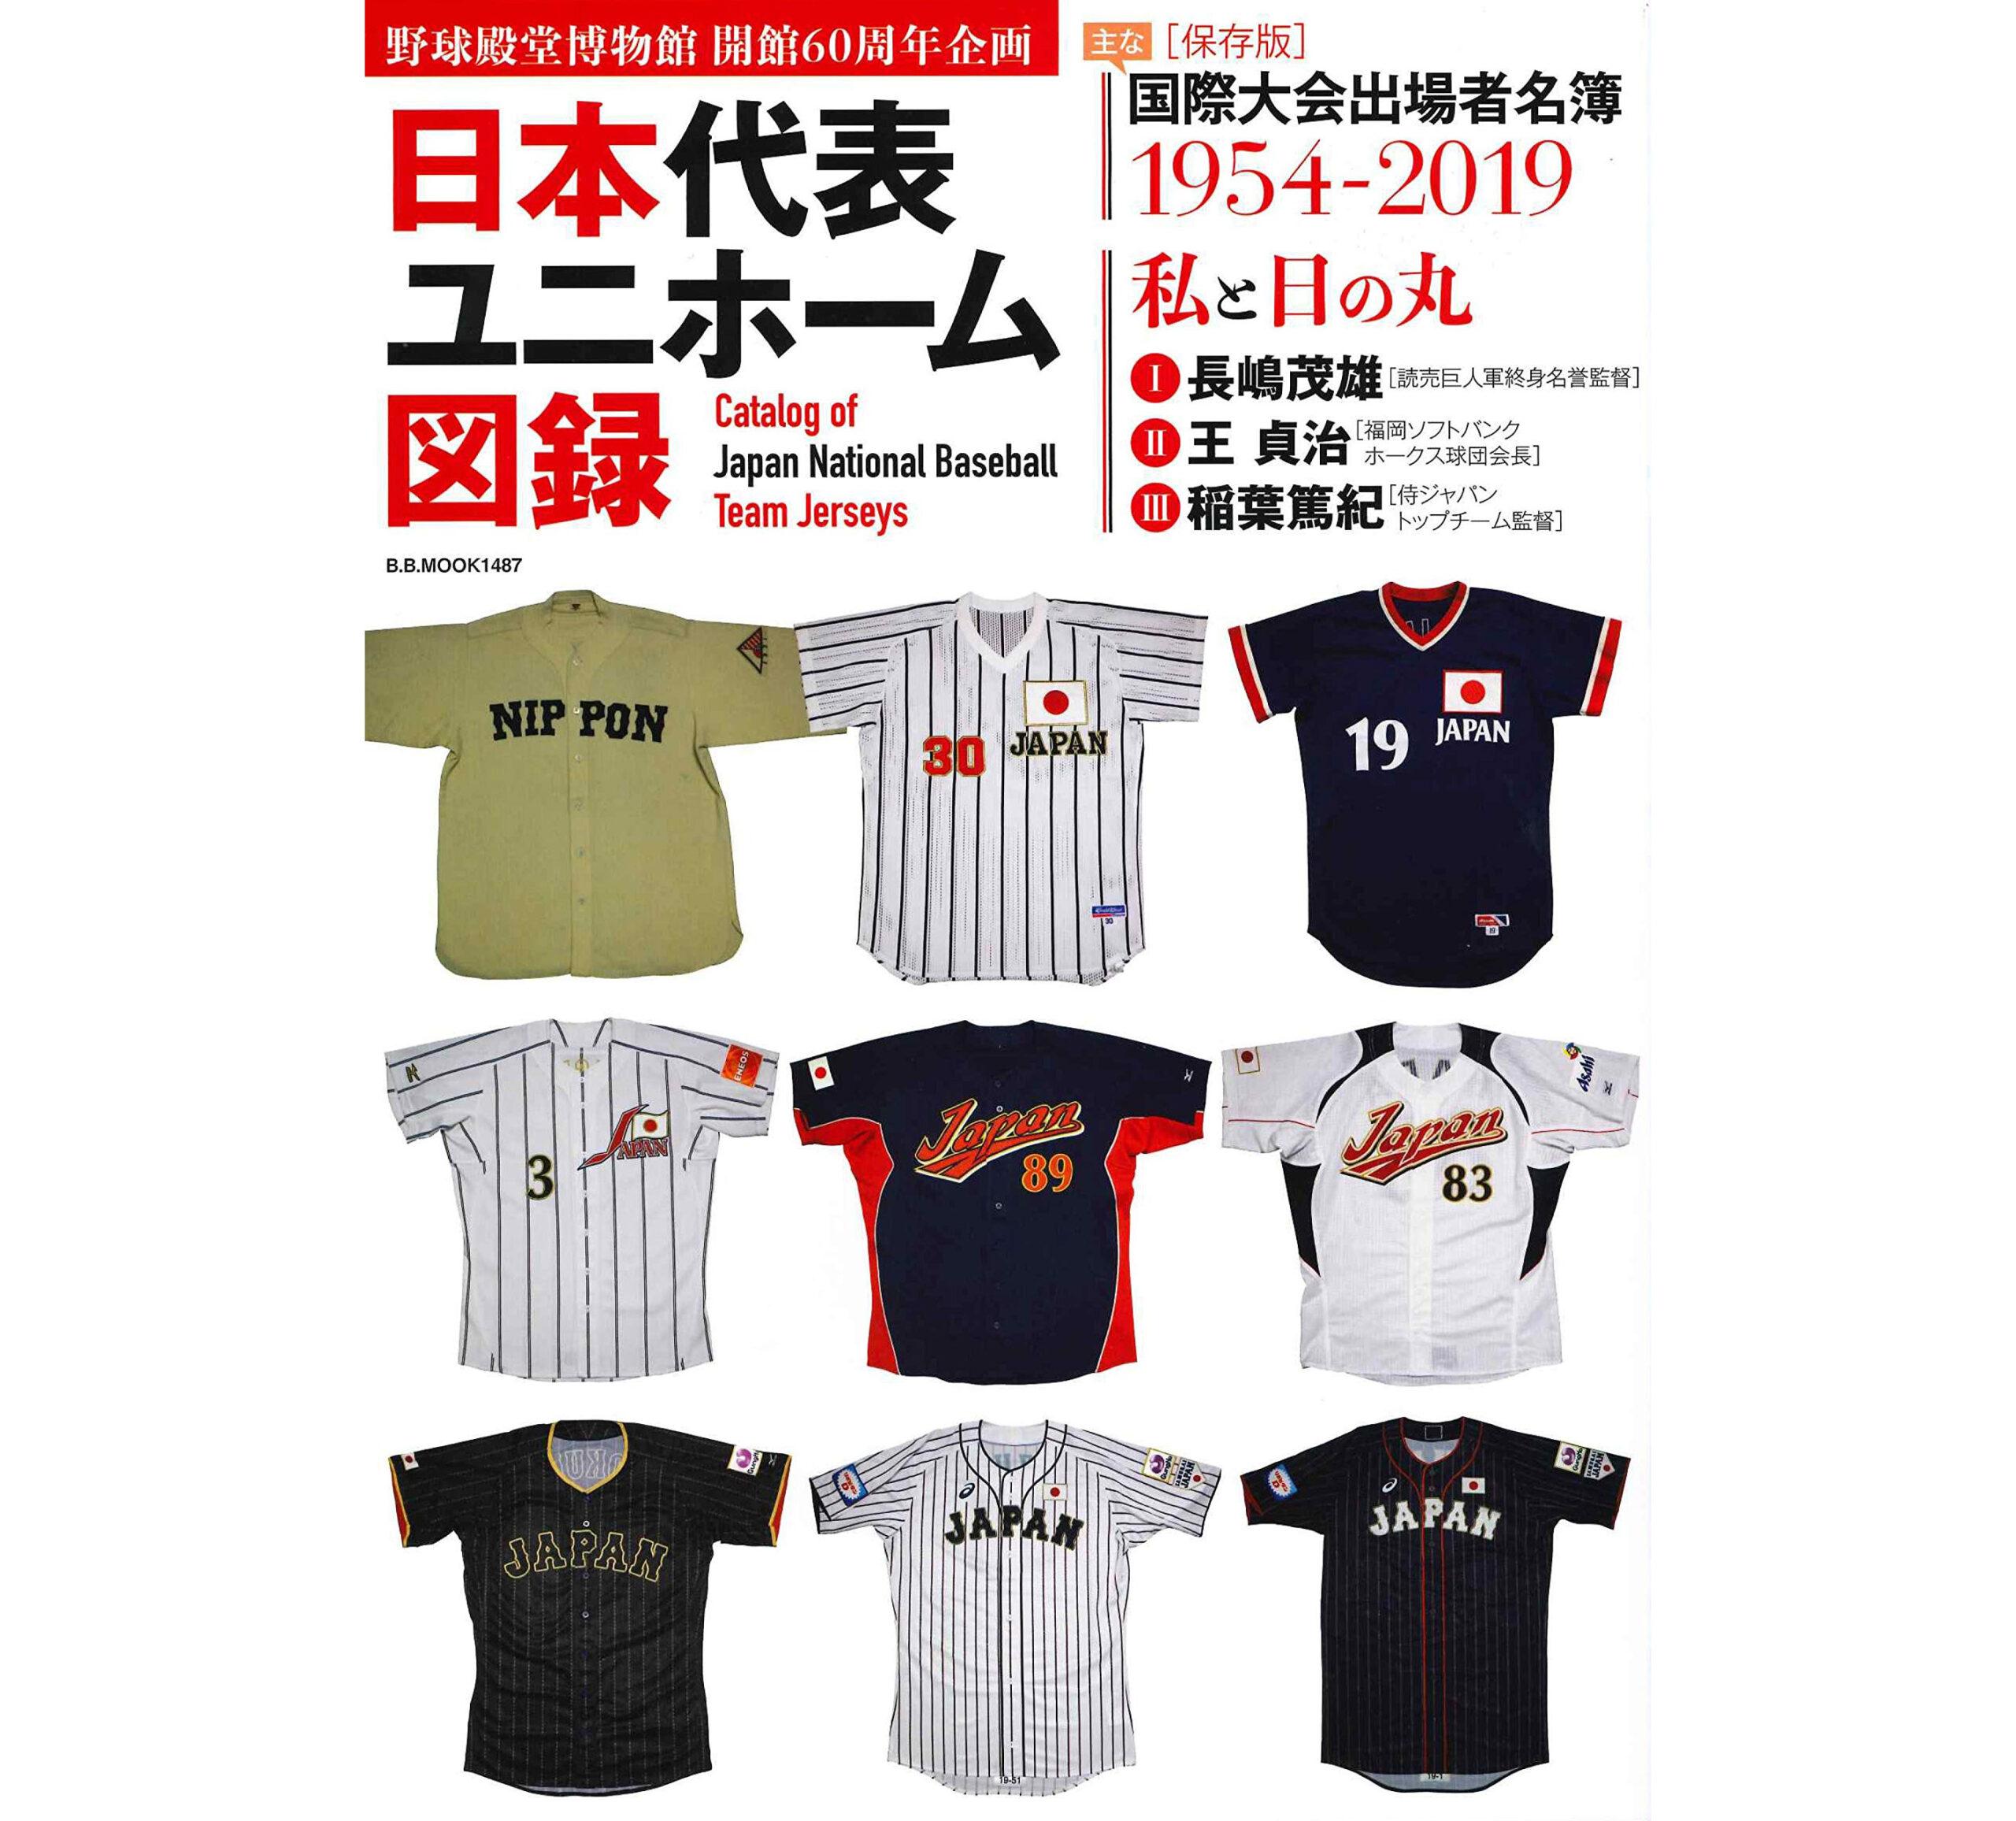 sp-book-zuroku20uni